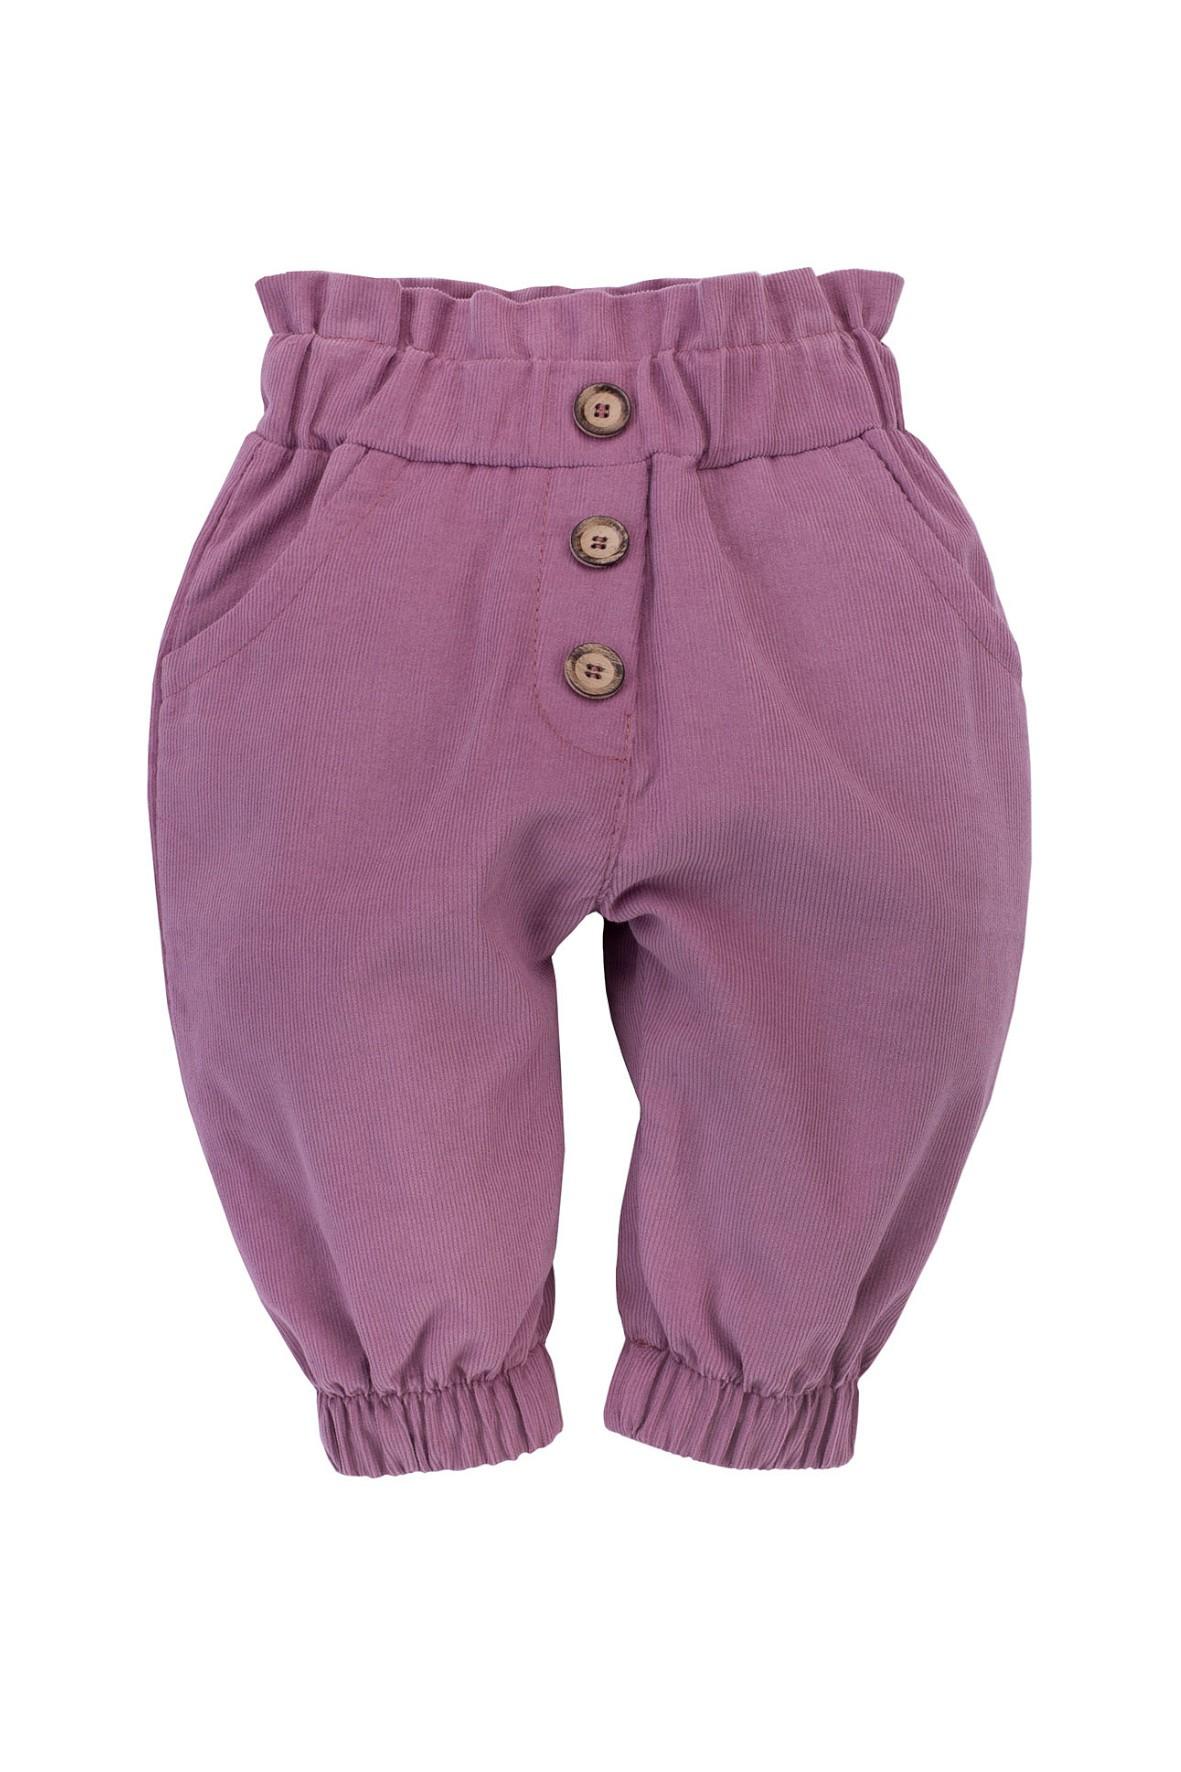 Wygodne spodnie z cienkiego sztruksu, z ozdobnymi guzikami